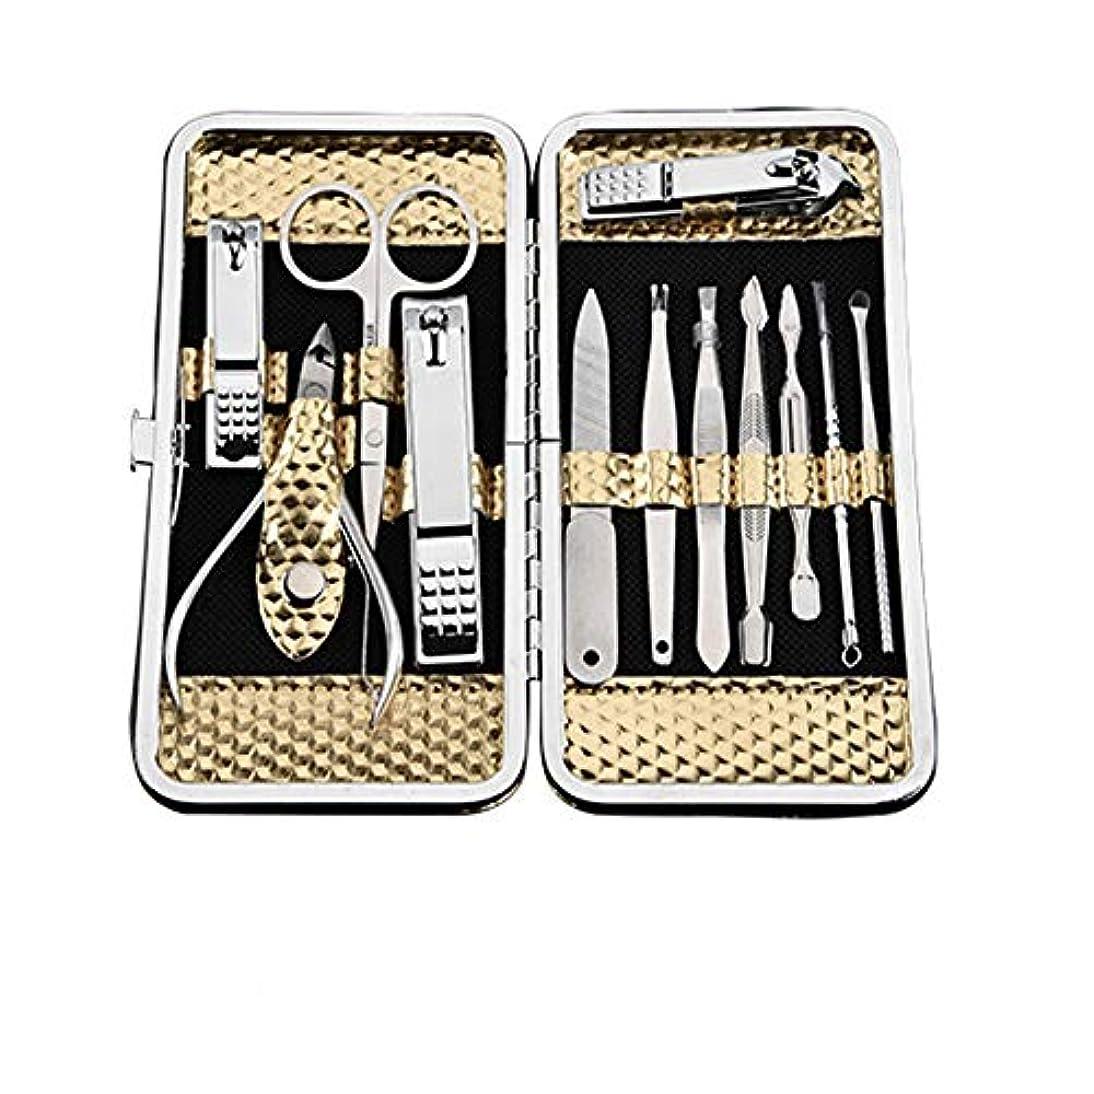 選択するおかしいレトルト12点セット爪切り美容ツールのステンレス鋼の爪切りセット